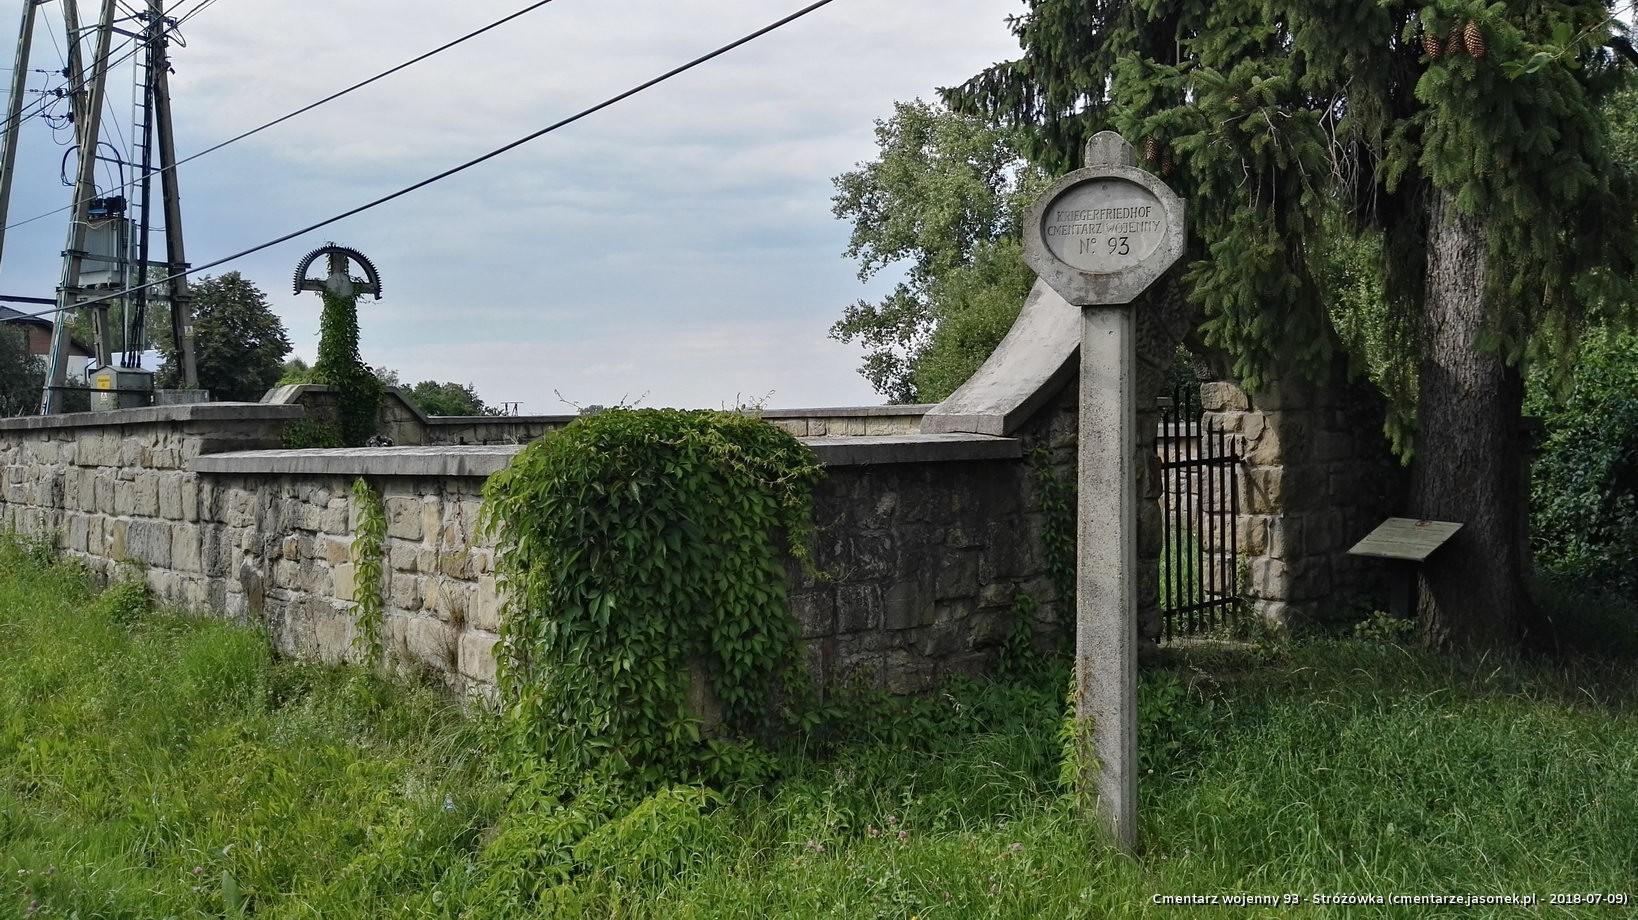 Cmentarz wojenny 93 - Stróżówka